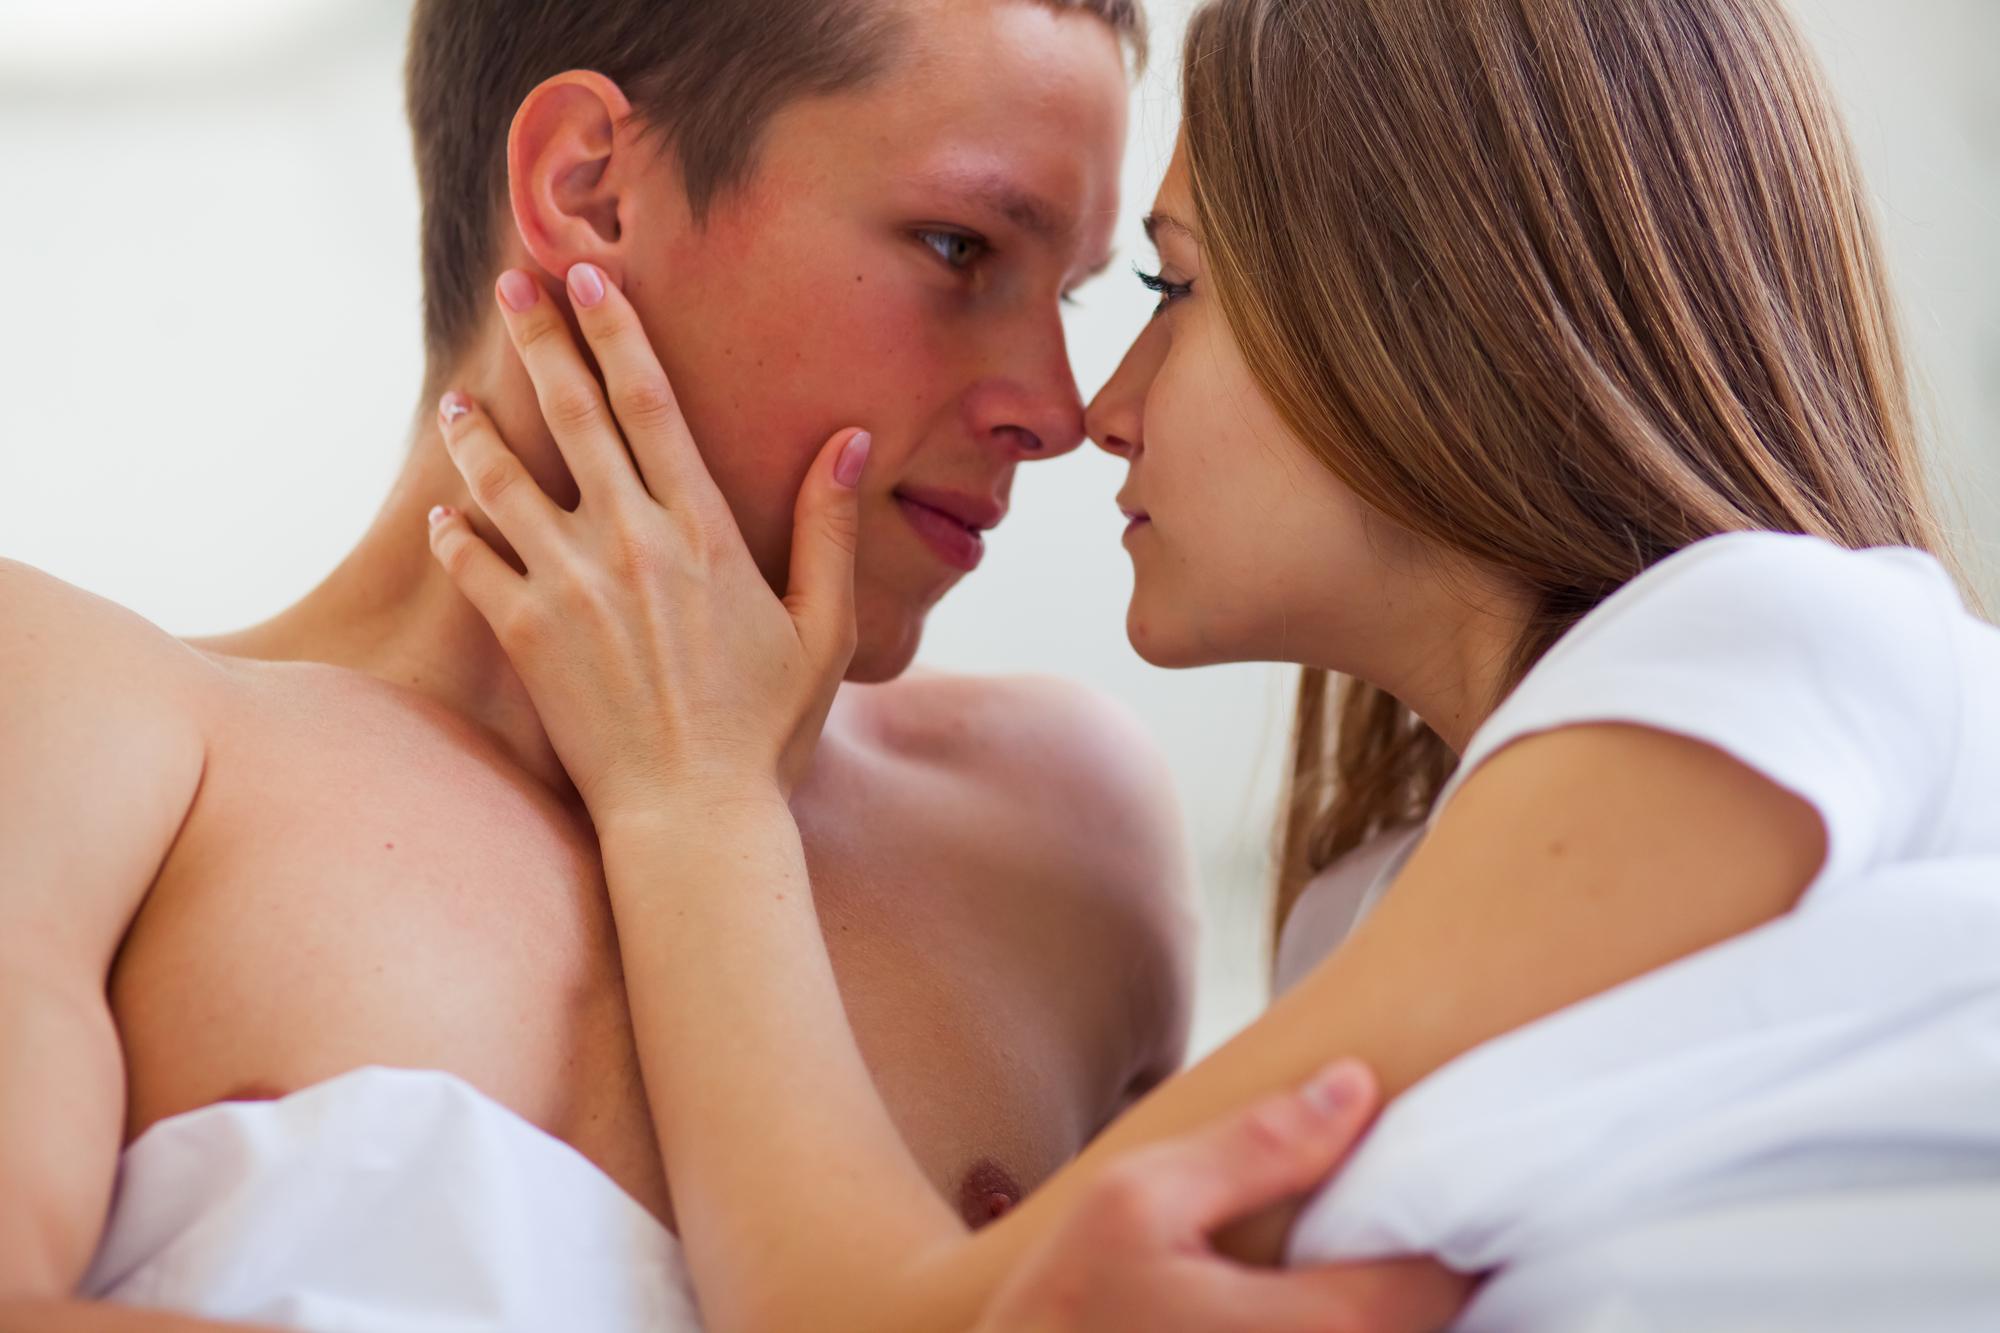 どきどきしちゃう!キスをするときは何回目のデートがベスト?